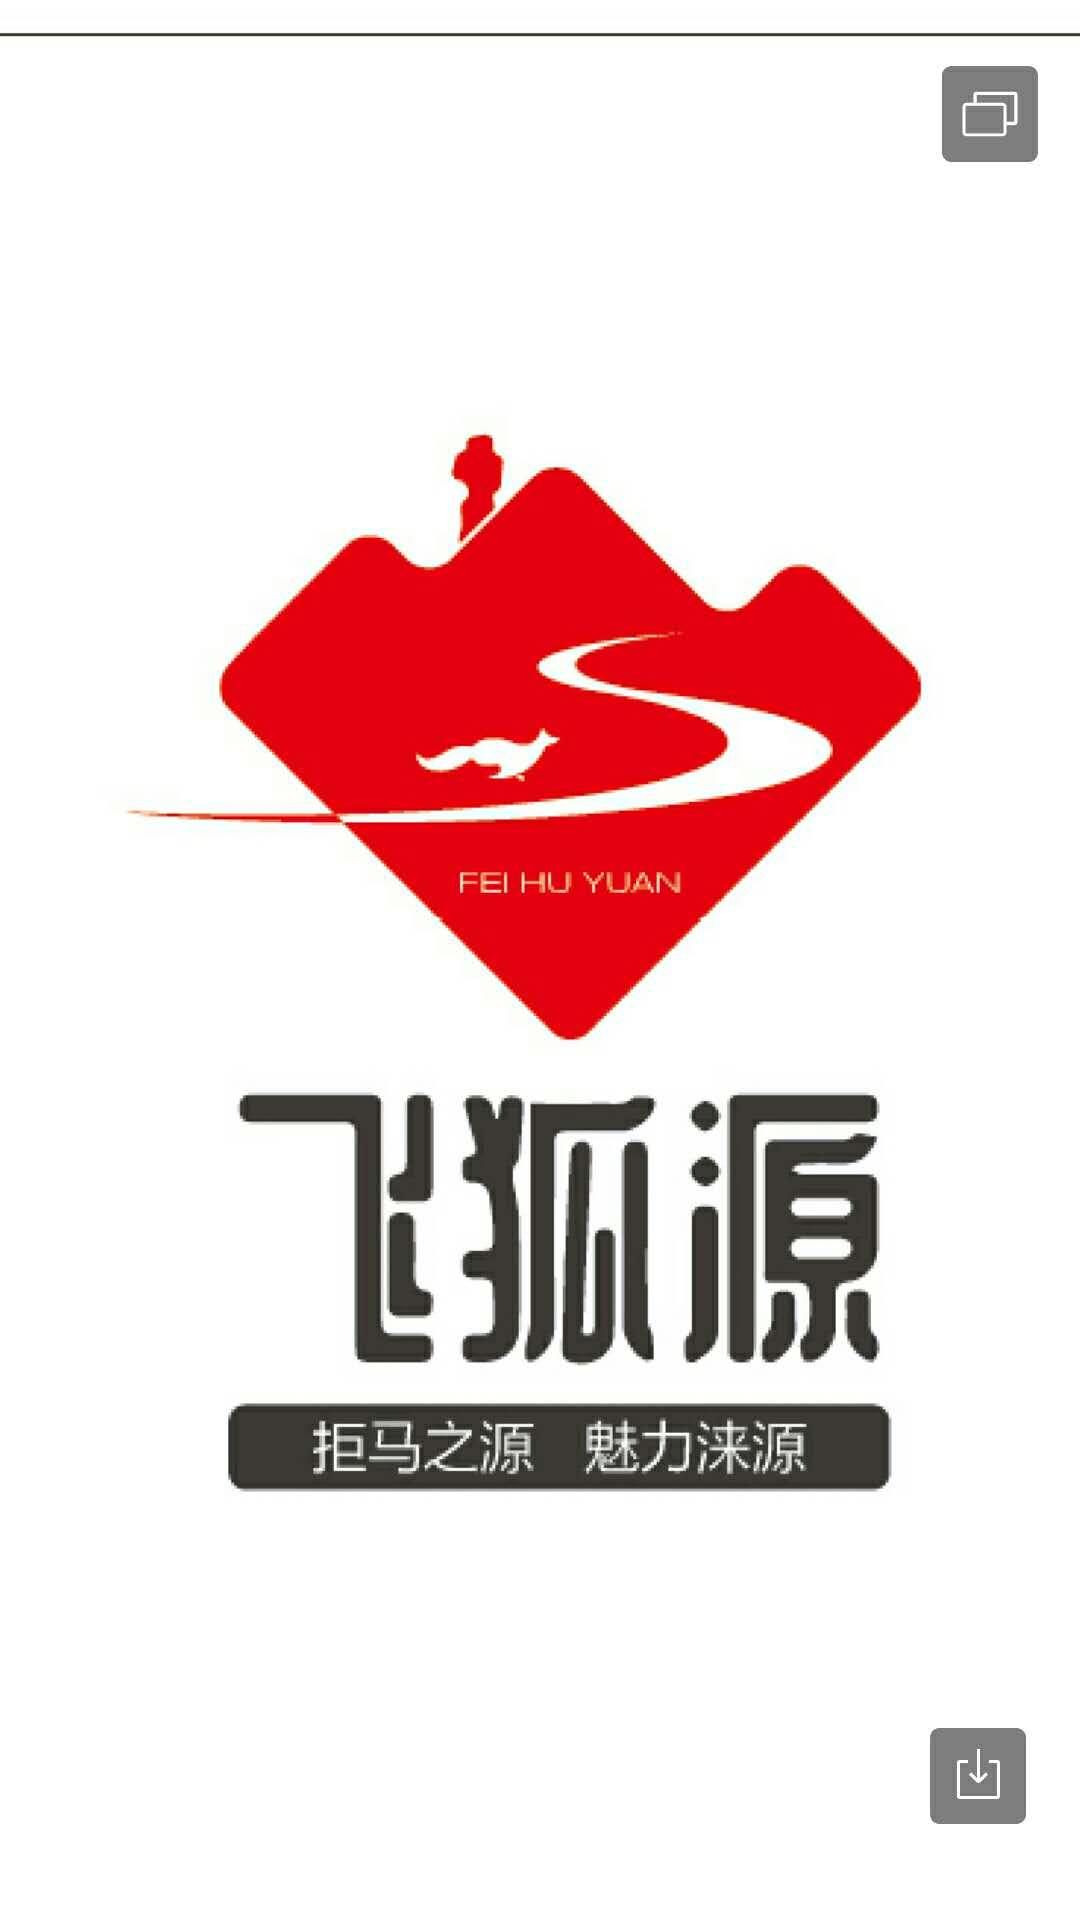 河北省涞源县区域公共品牌飞狐源助力农产品上行